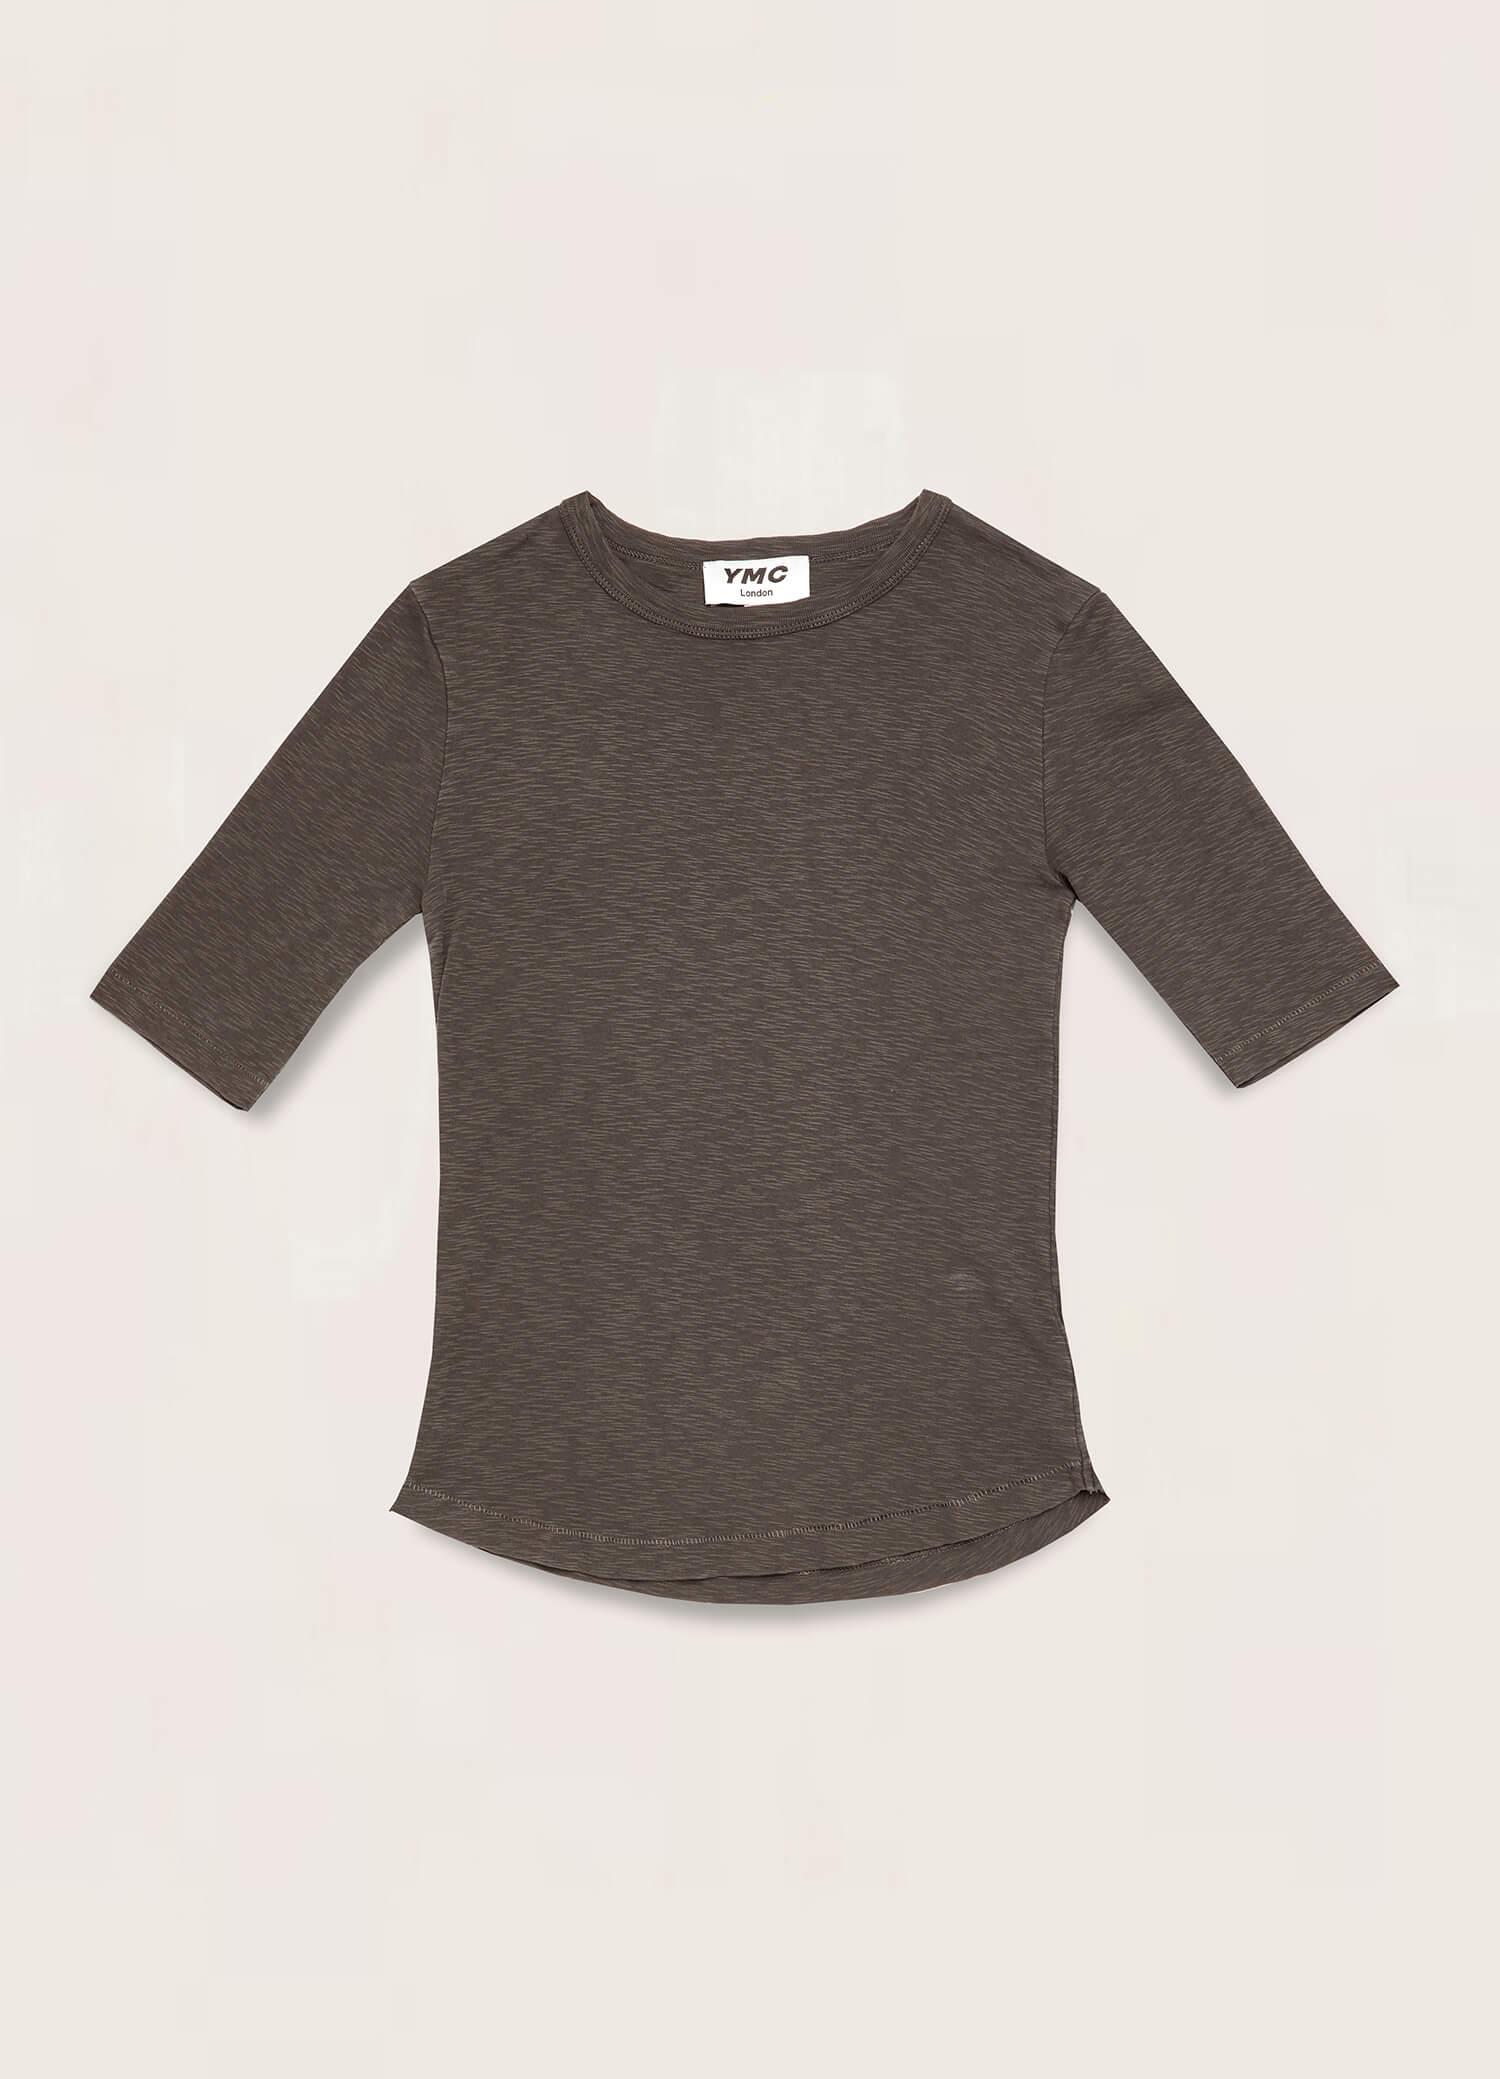 Charlotte Rib Cotton Jersey T-Shirt Olive